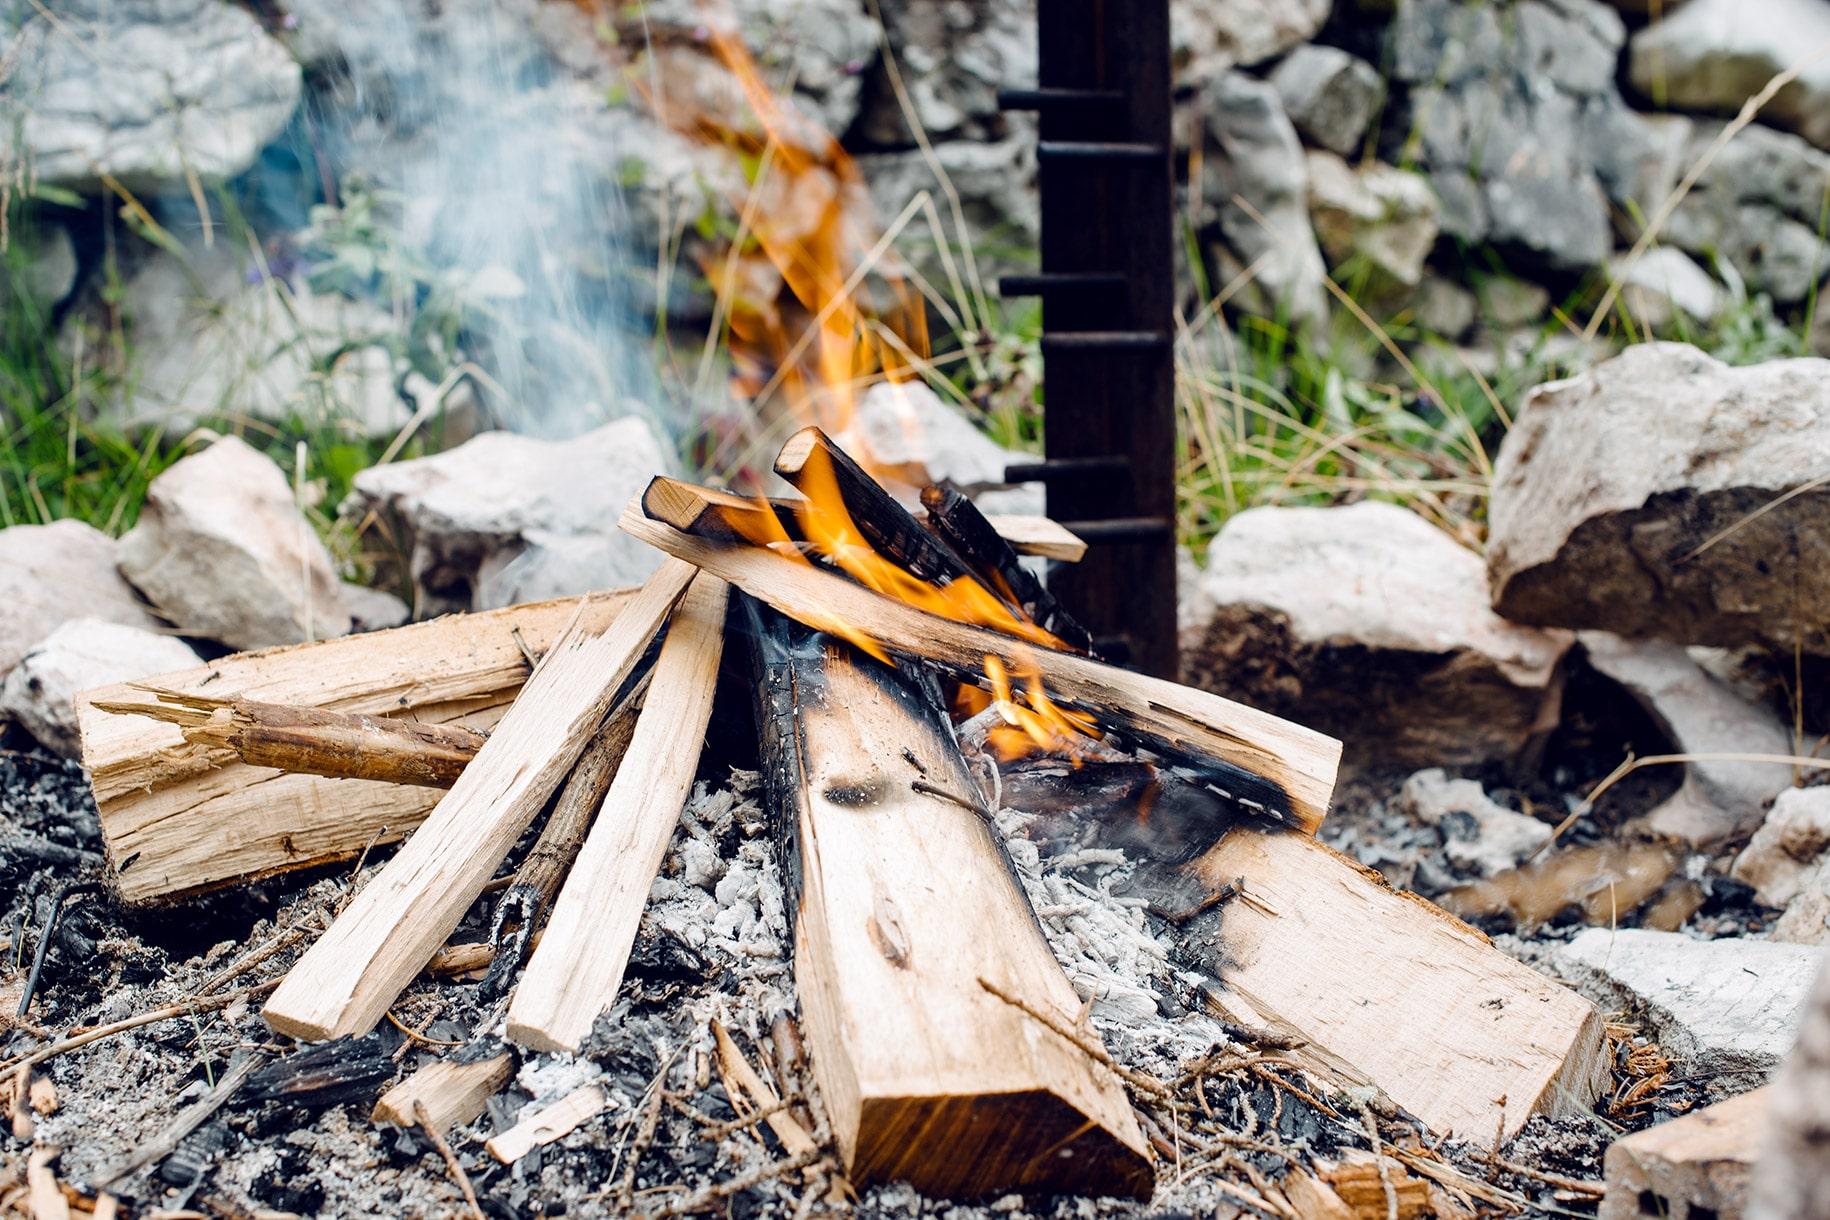 Foyer à l'extérieur avec un feu de bois en train de brûler